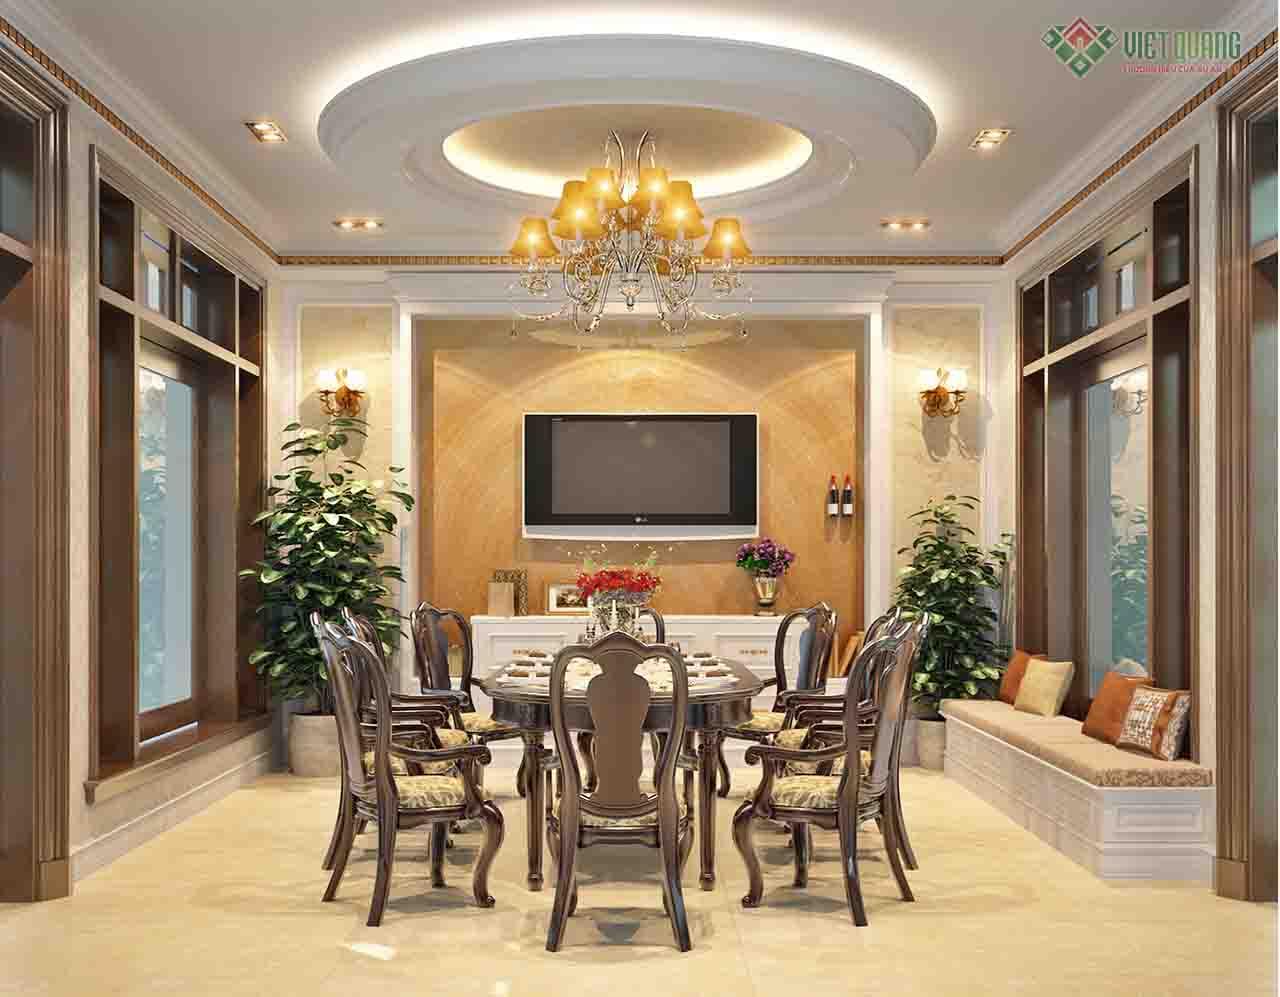 Mẫu thiết kế nội thất tân cổ điển đẹp khỏi chê